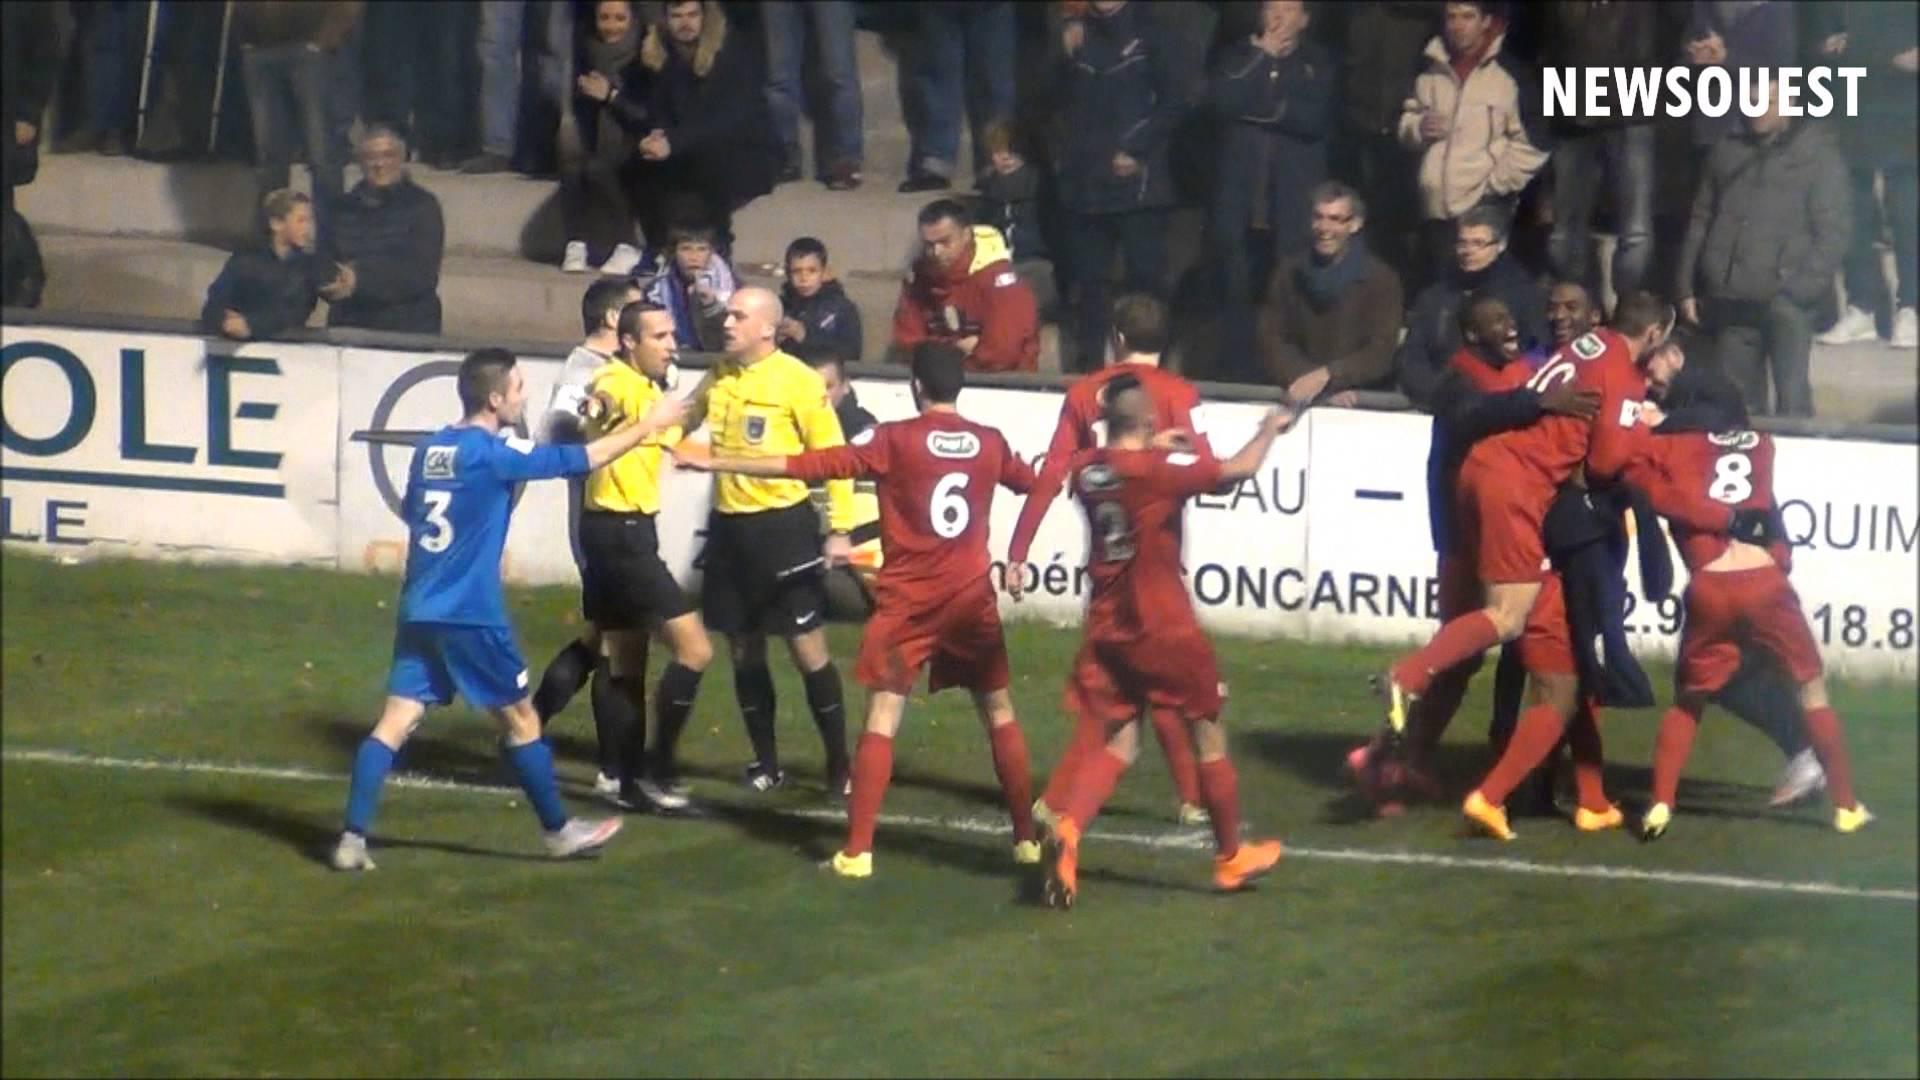 عراك بين لاعبين بسبب هدف مستفز